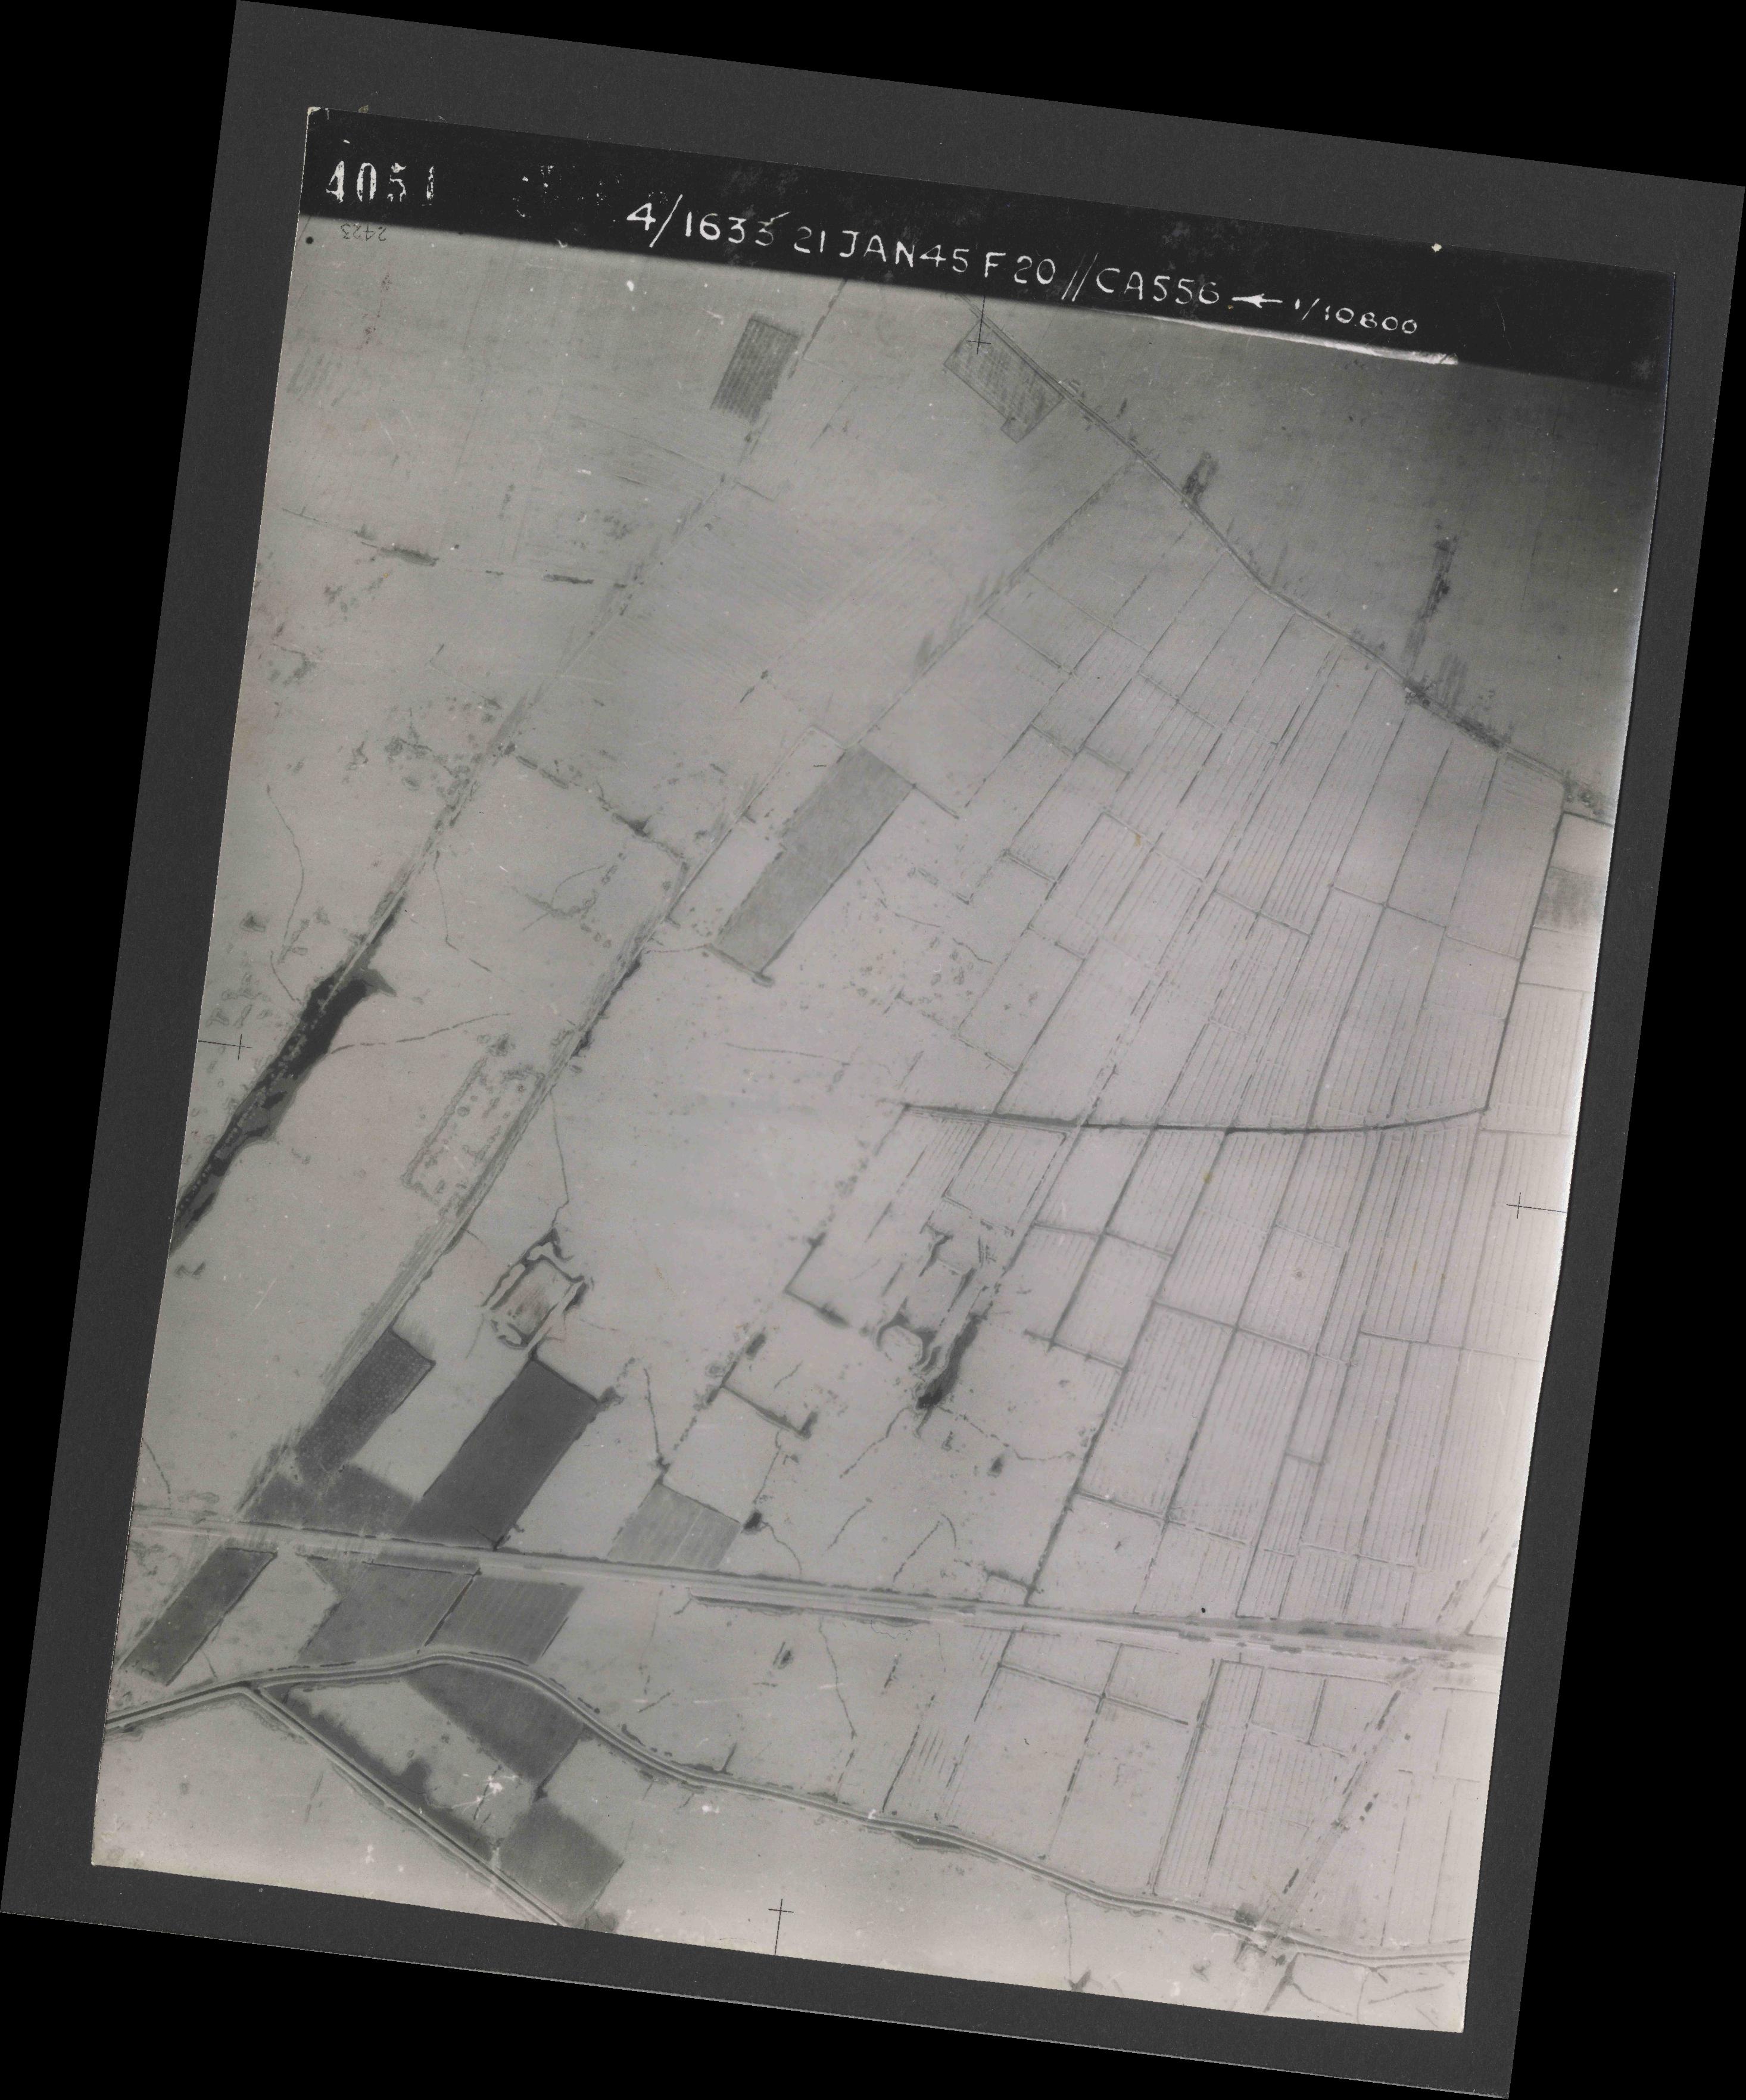 Collection RAF aerial photos 1940-1945 - flight 202, run 02, photo 4051